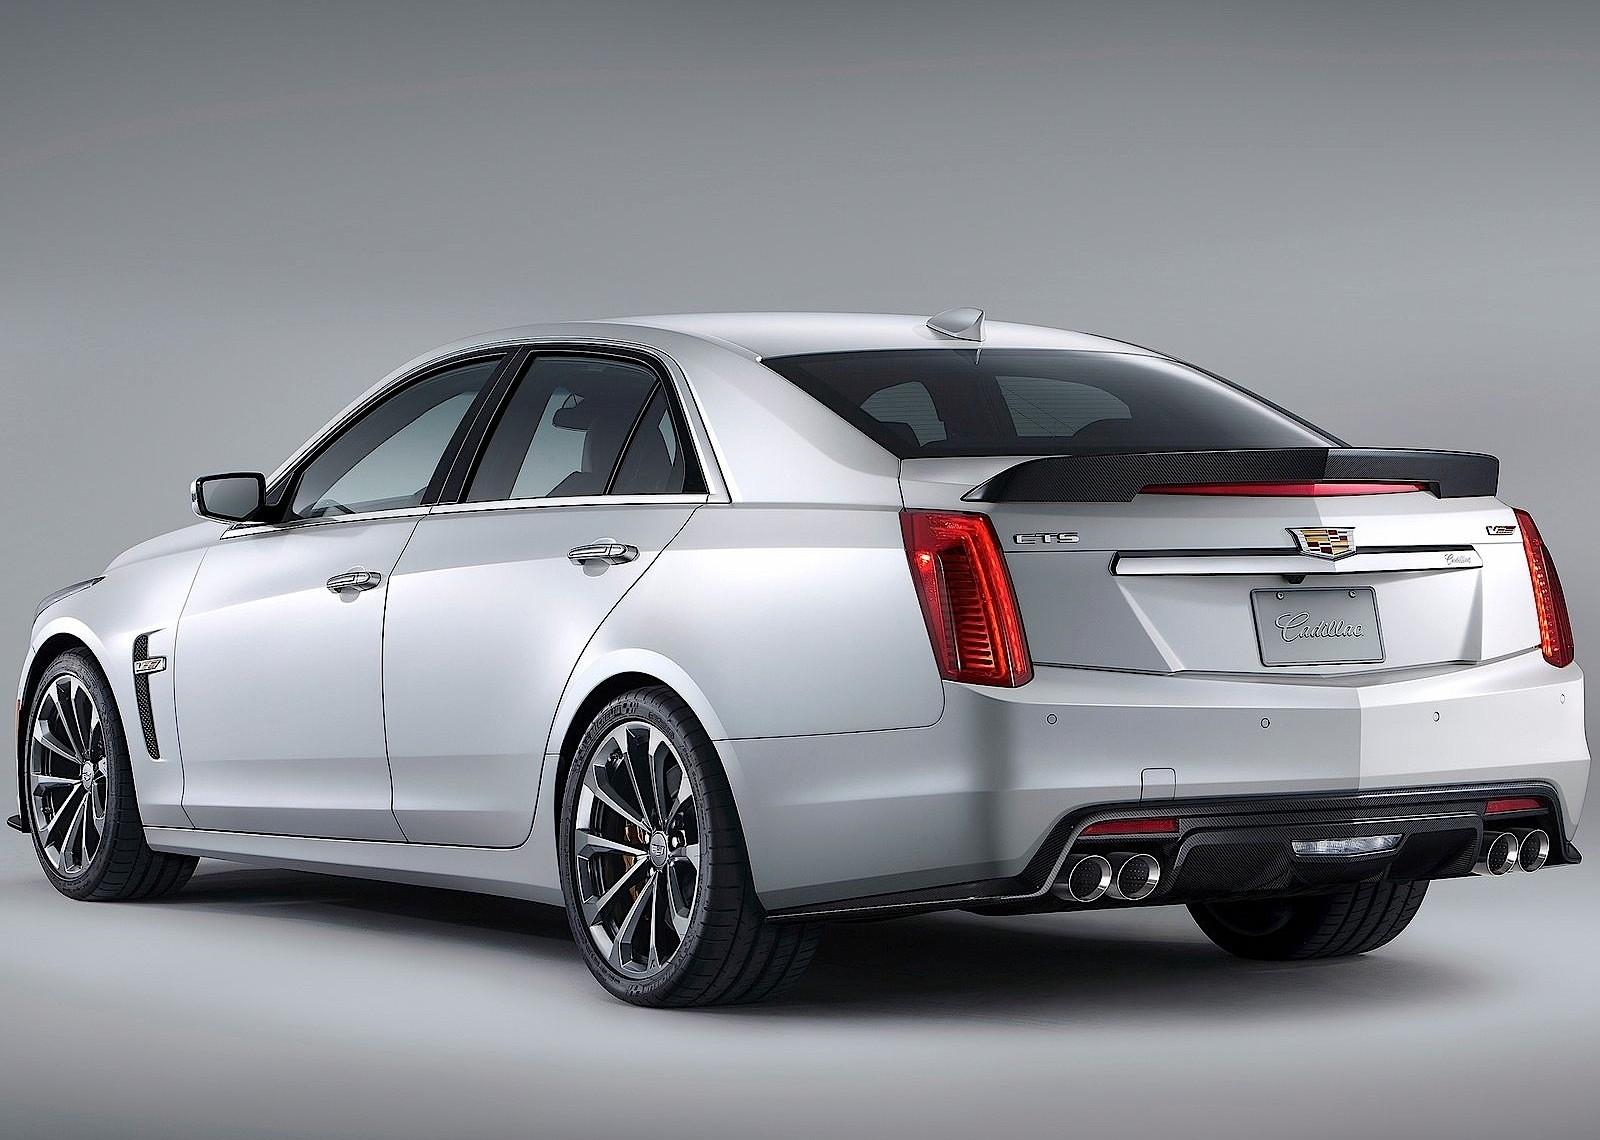 Cadillac cts v specs 2015 2016 2017 2018 autoevolution - Cadillac cts v coupe specs ...